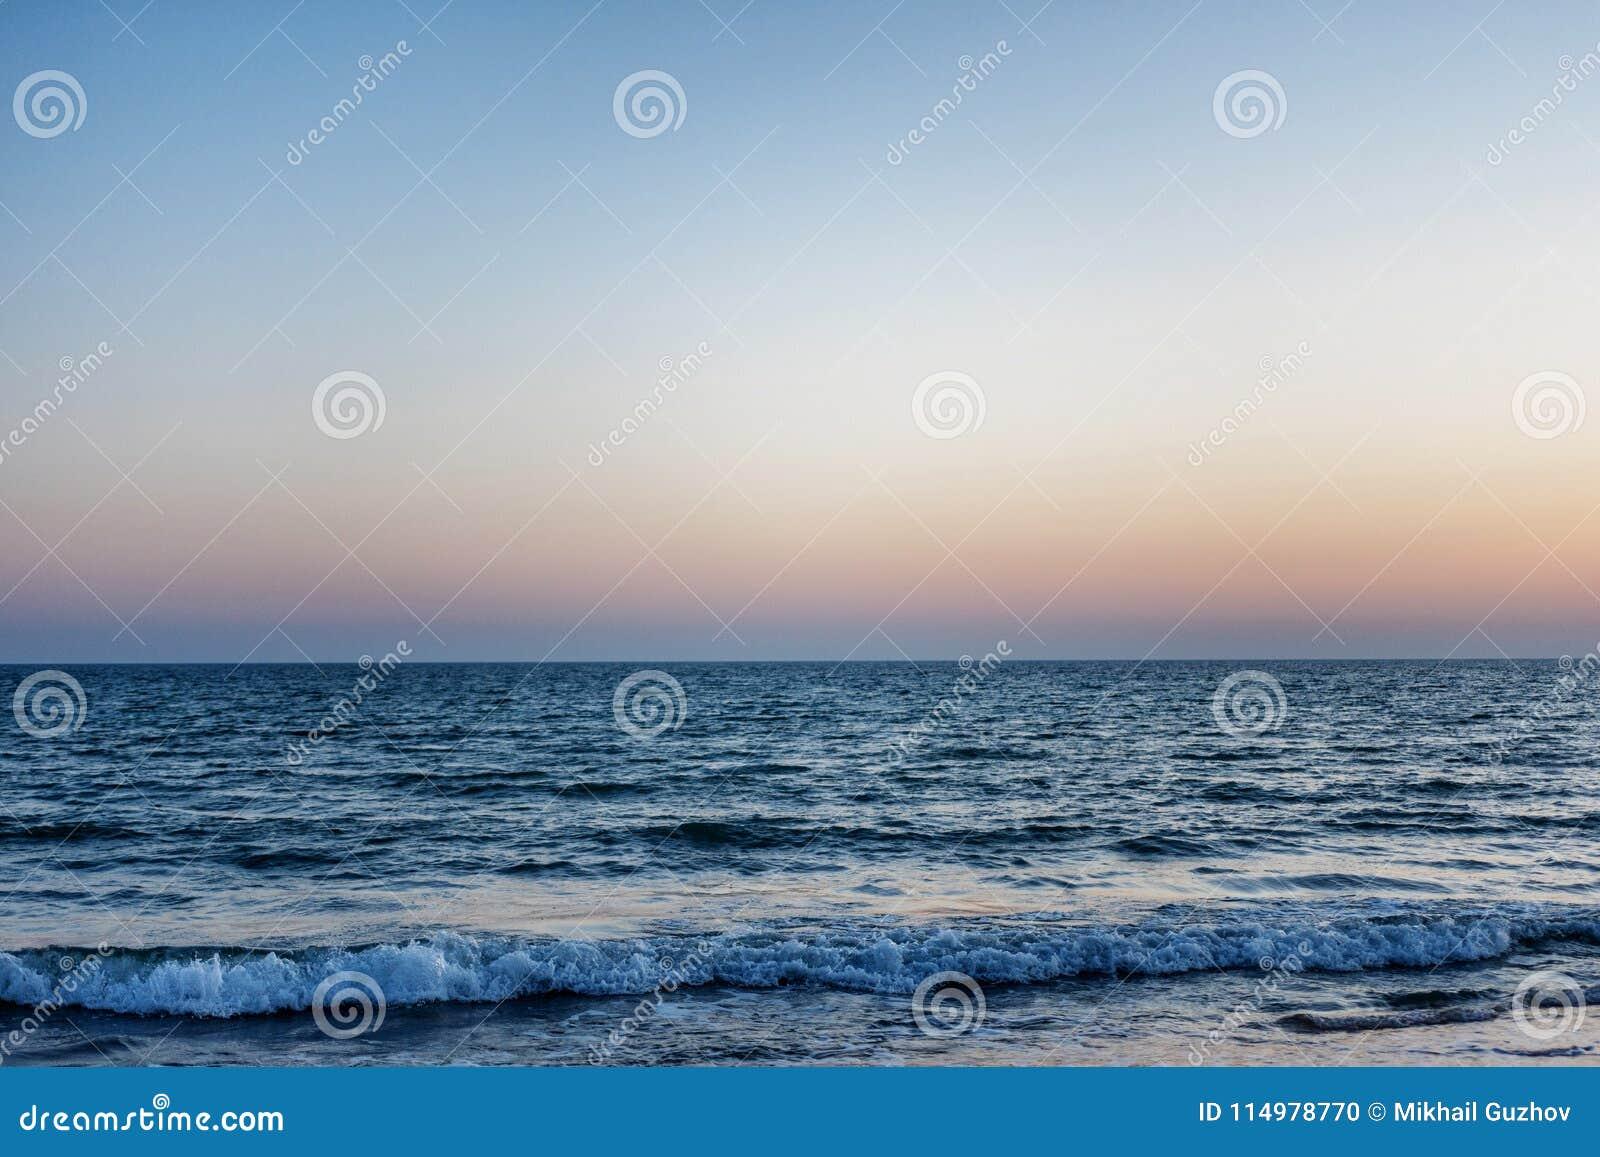 Błękitny morze przy zmierzchem fala są brzeg Nad horyzontem słońce